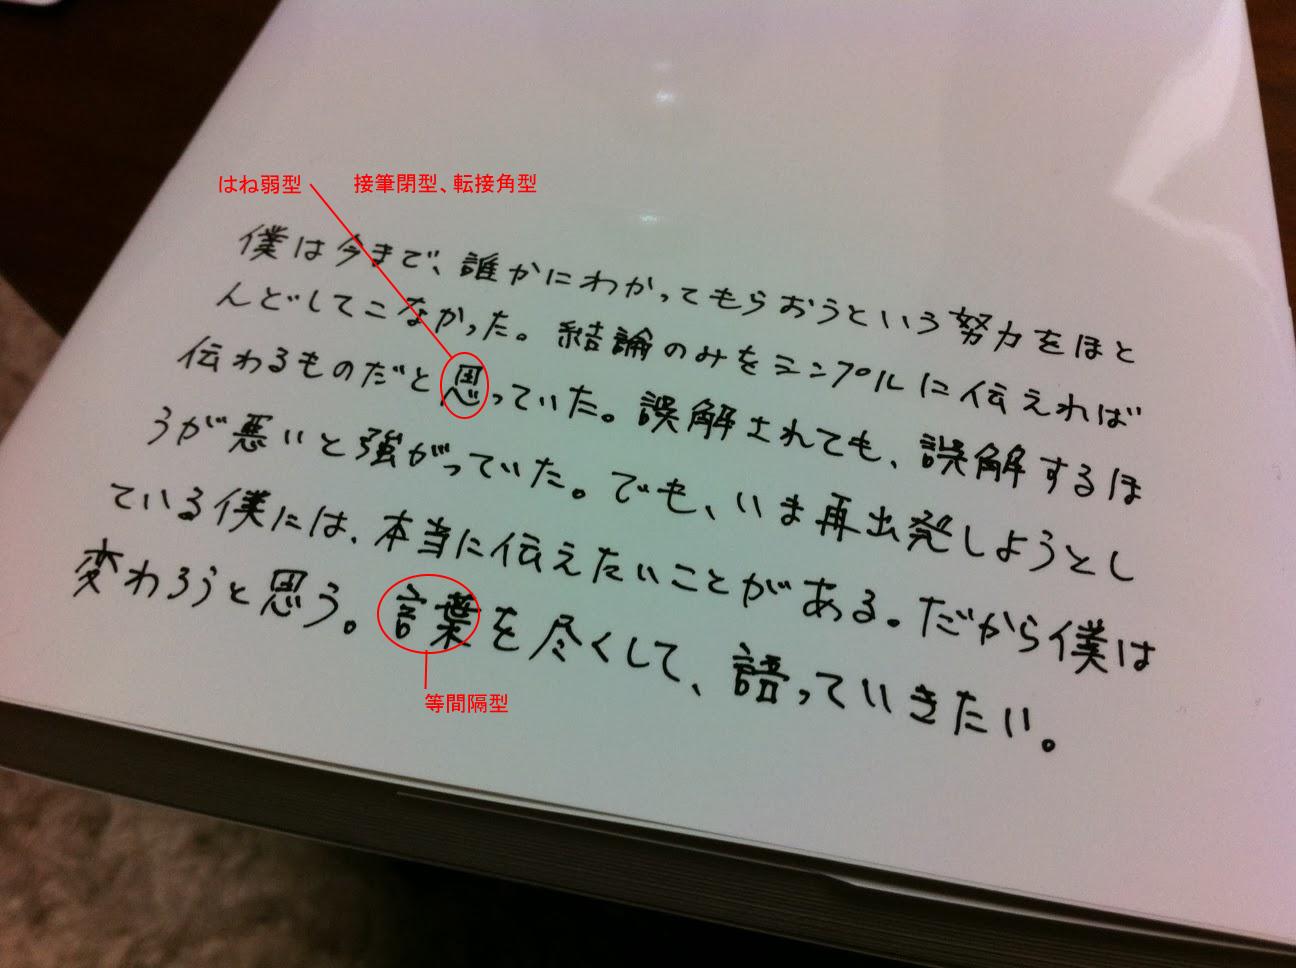 堀江貴文さんの筆跡診断